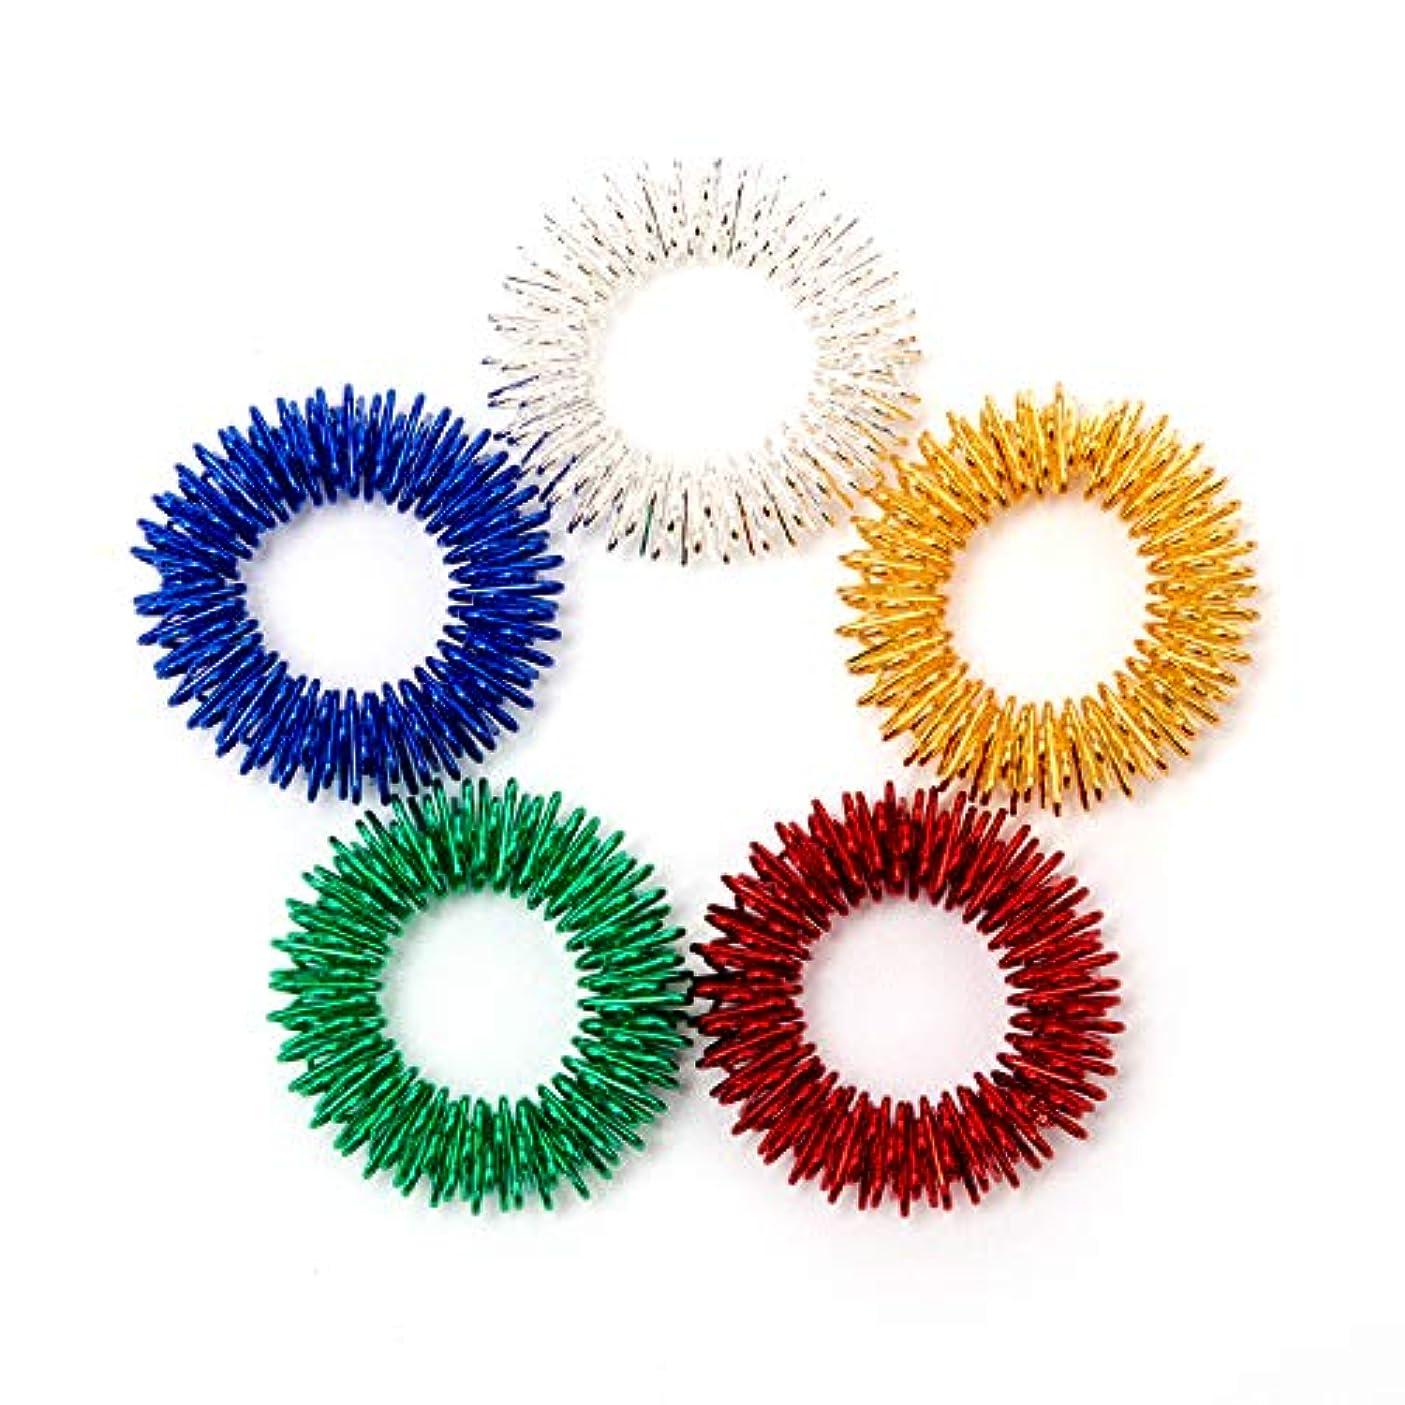 殉教者組立流行AIEX トゲトゲ形状 指用 感覚刺激リング 指圧マッサージ 静かに遊べる感覚刺激フィジェットトイ 子供/10代/大人に最適 自閉症の集中力対策 鮮やかな5色